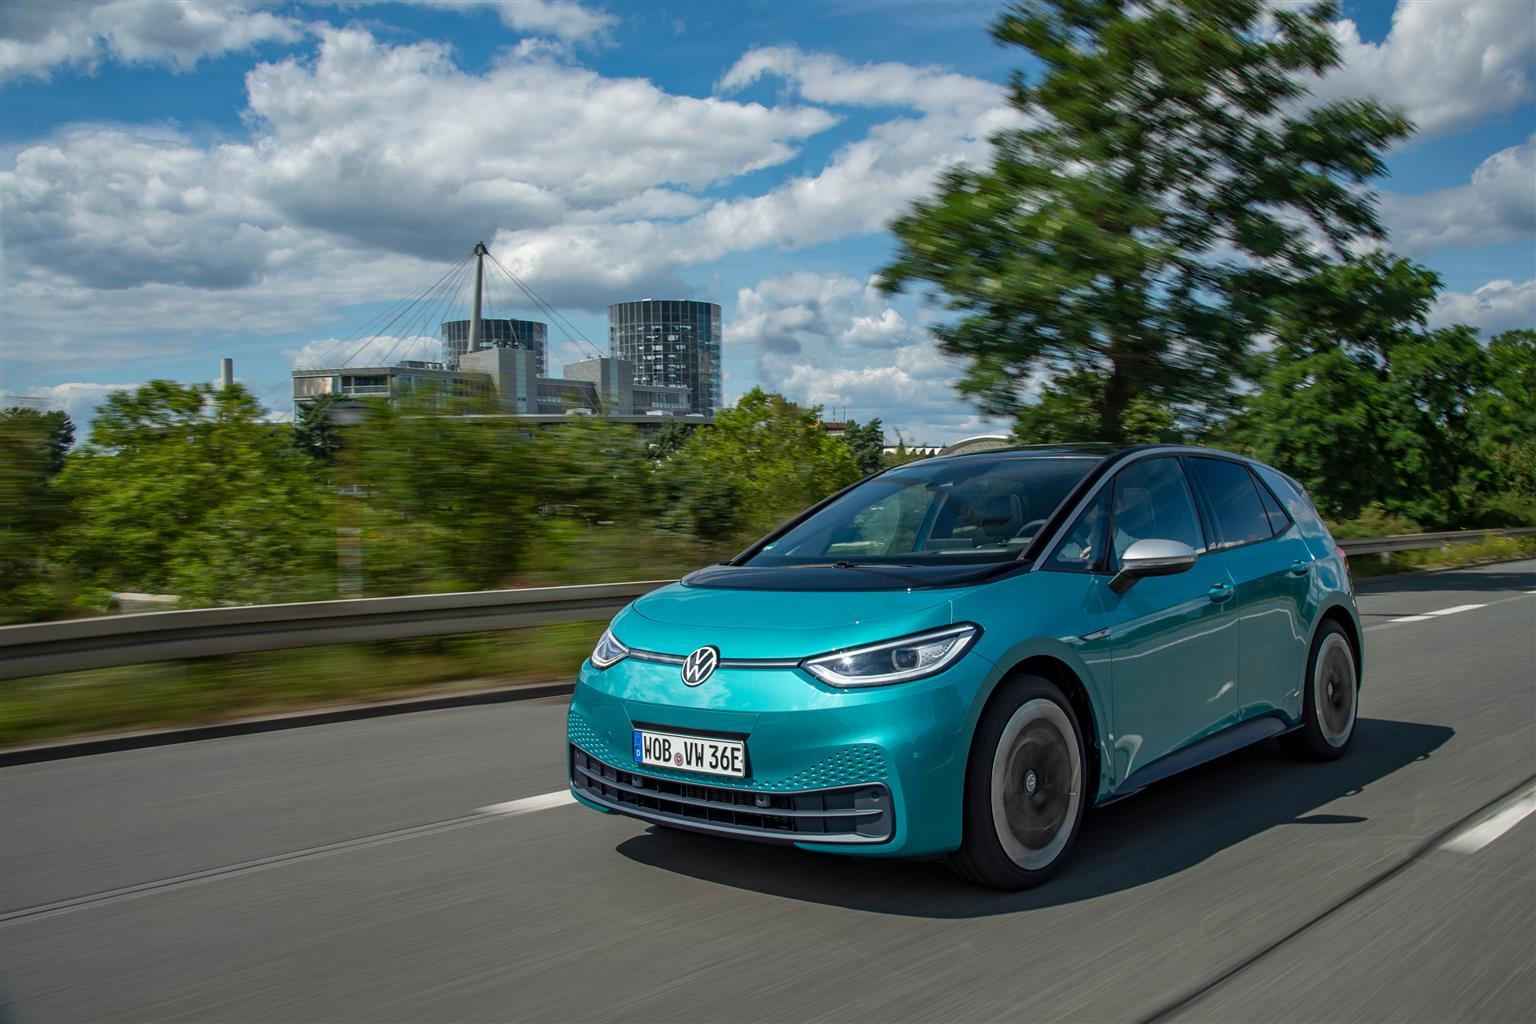 volkswagen_id3_electric_motor_news_05